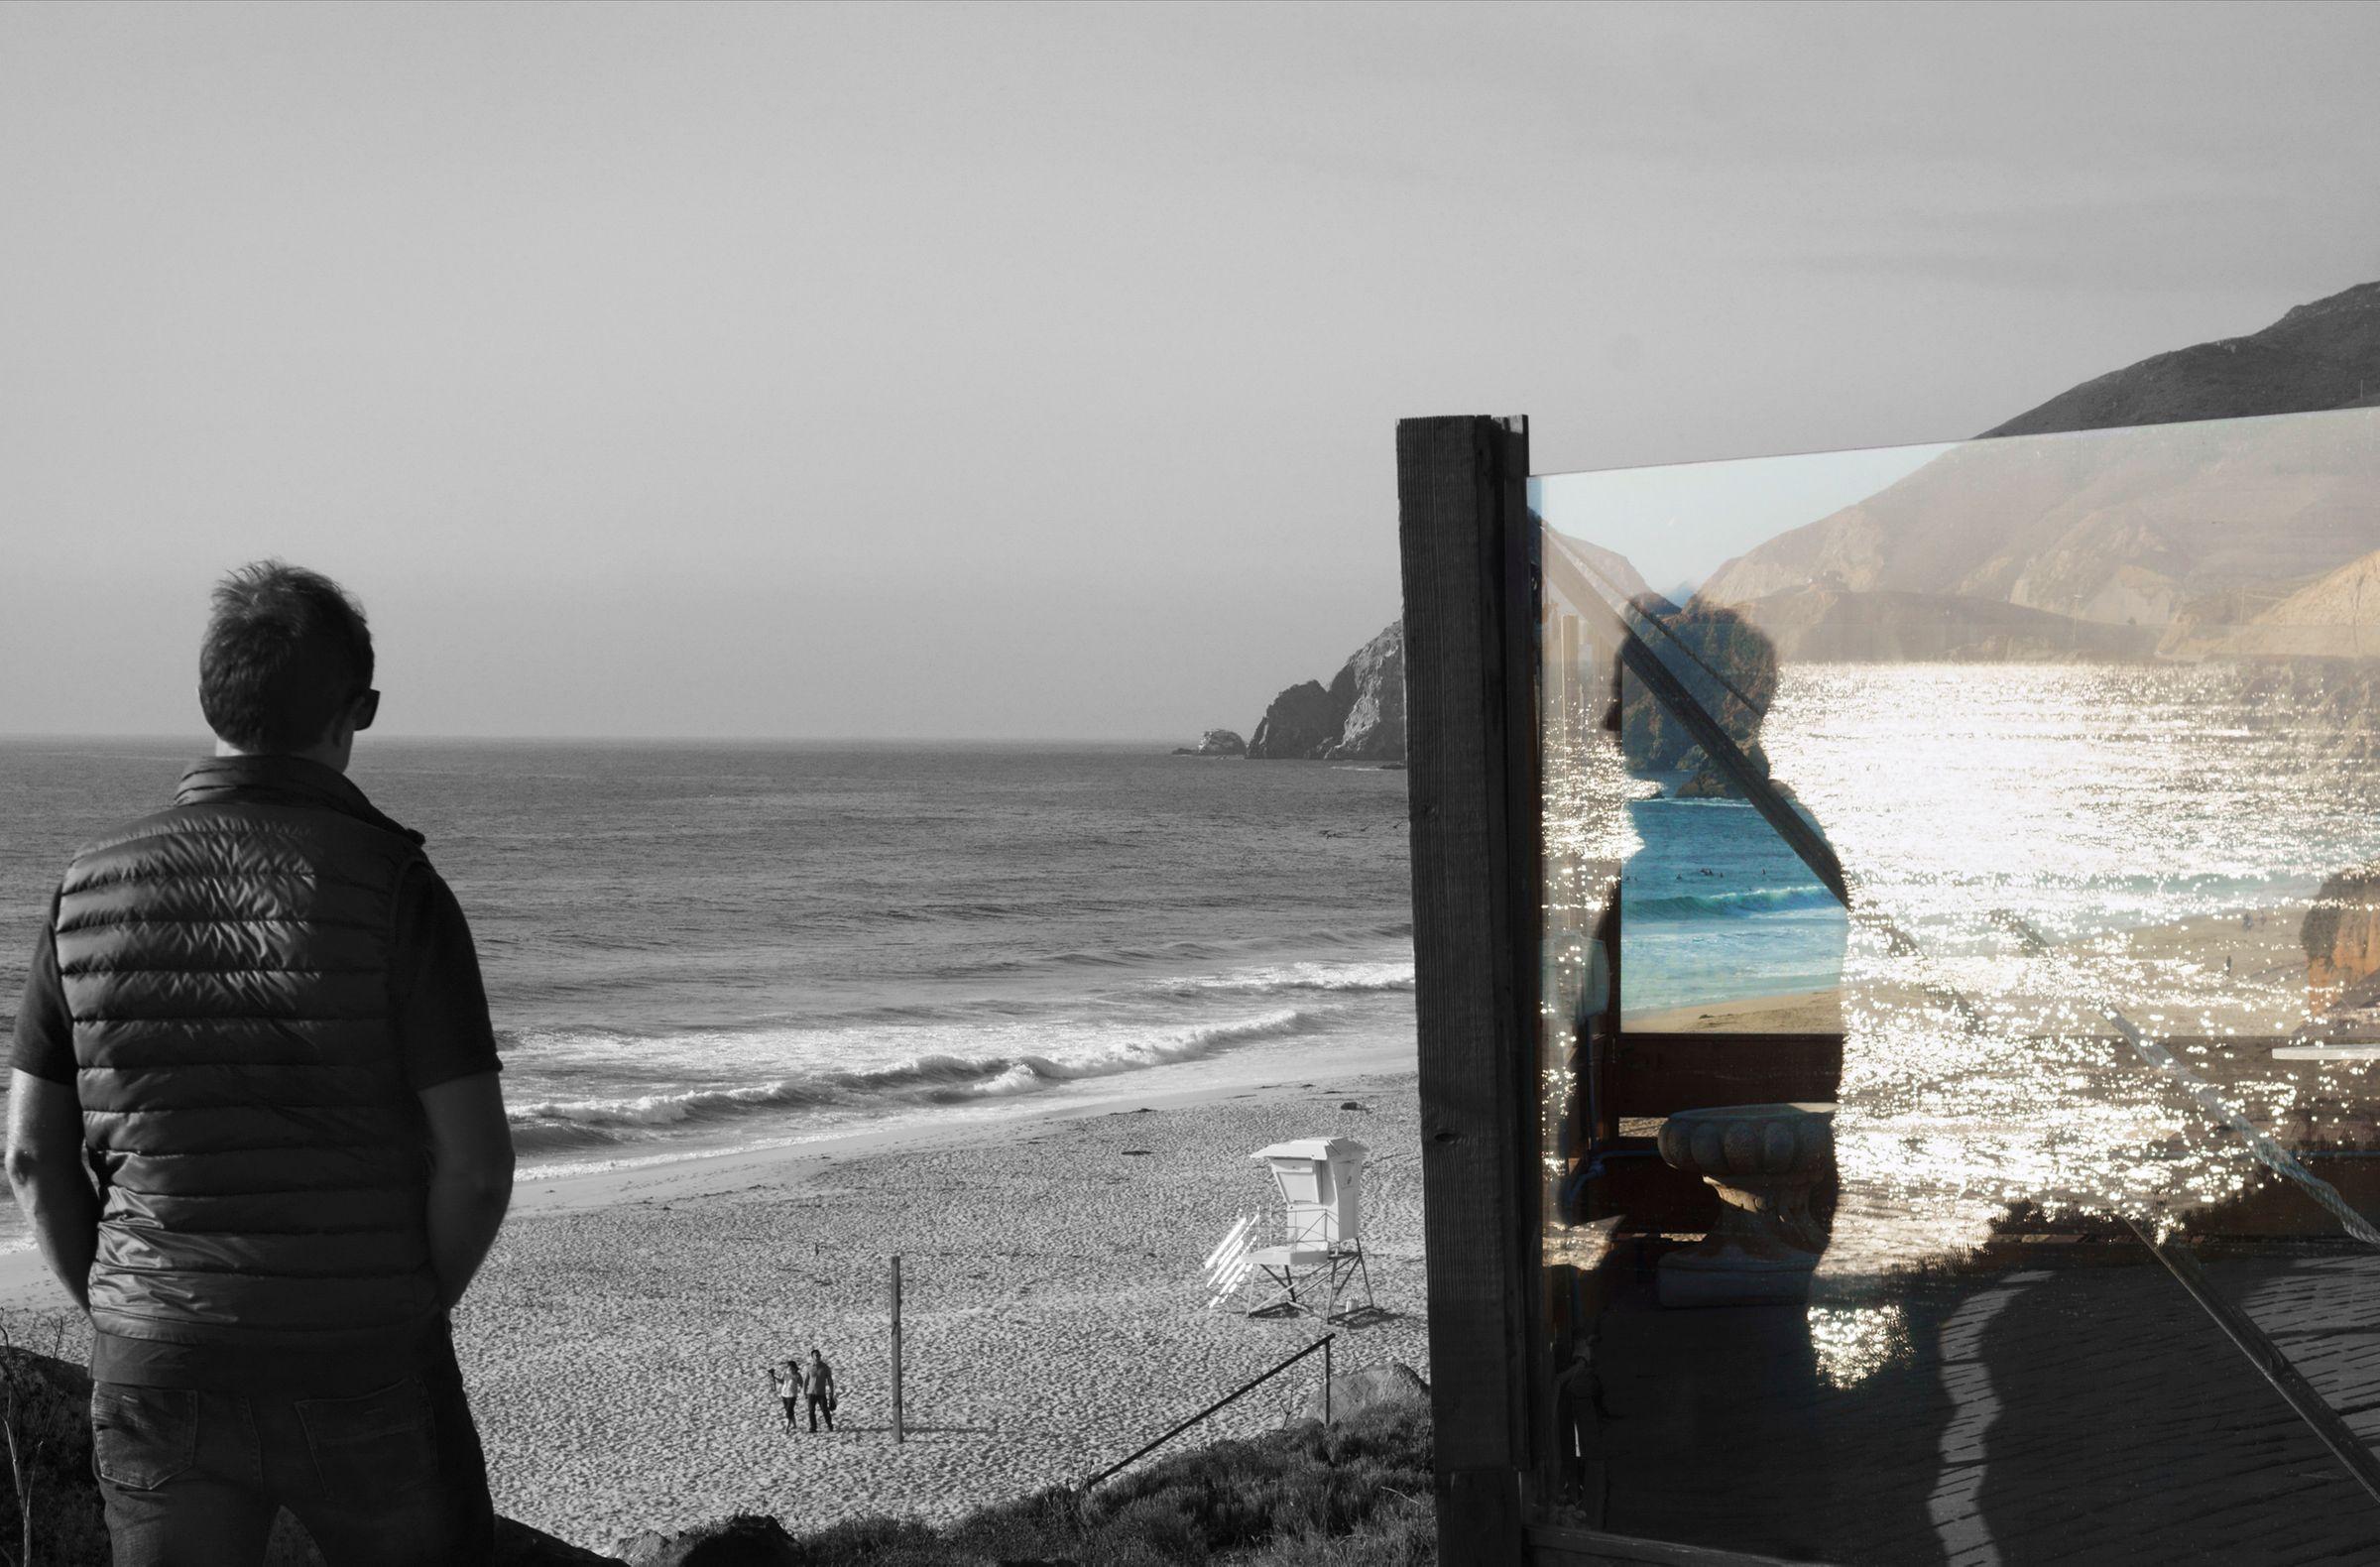 Between 2 Worlds, California